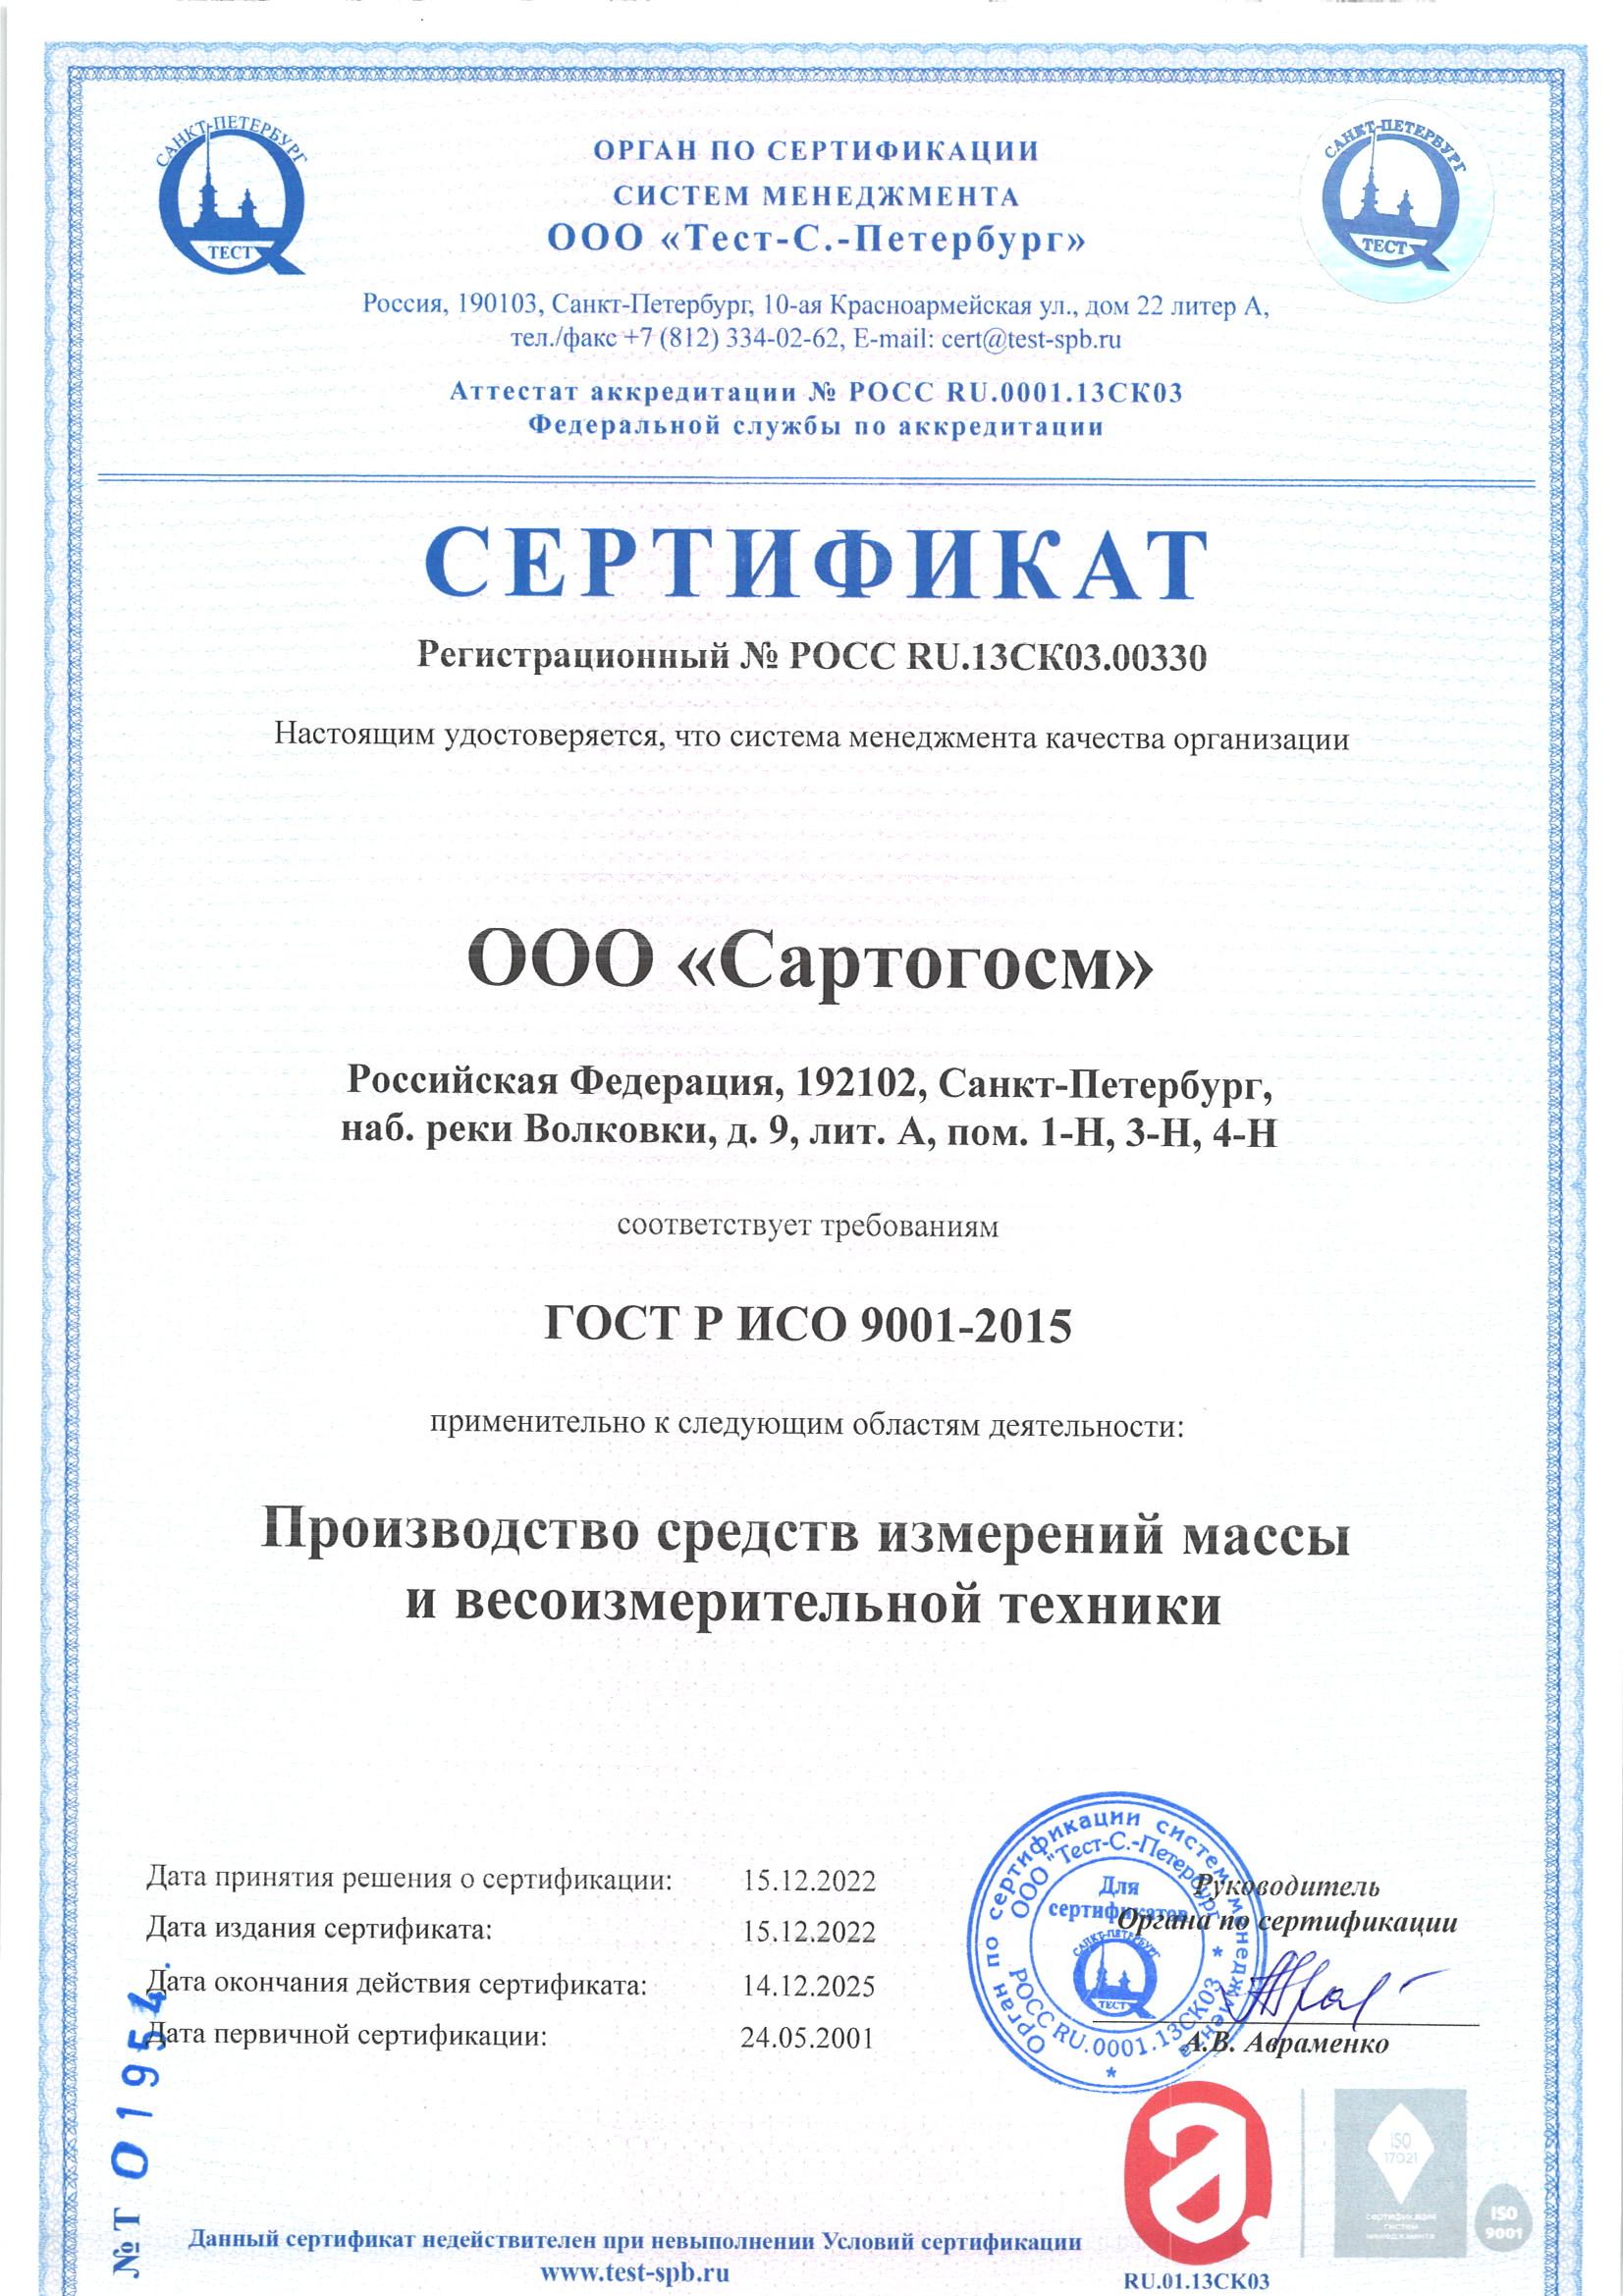 Сертификация весов в спб сертификация и аттестация профессиональной деятельности работников деревообрабатывающих п